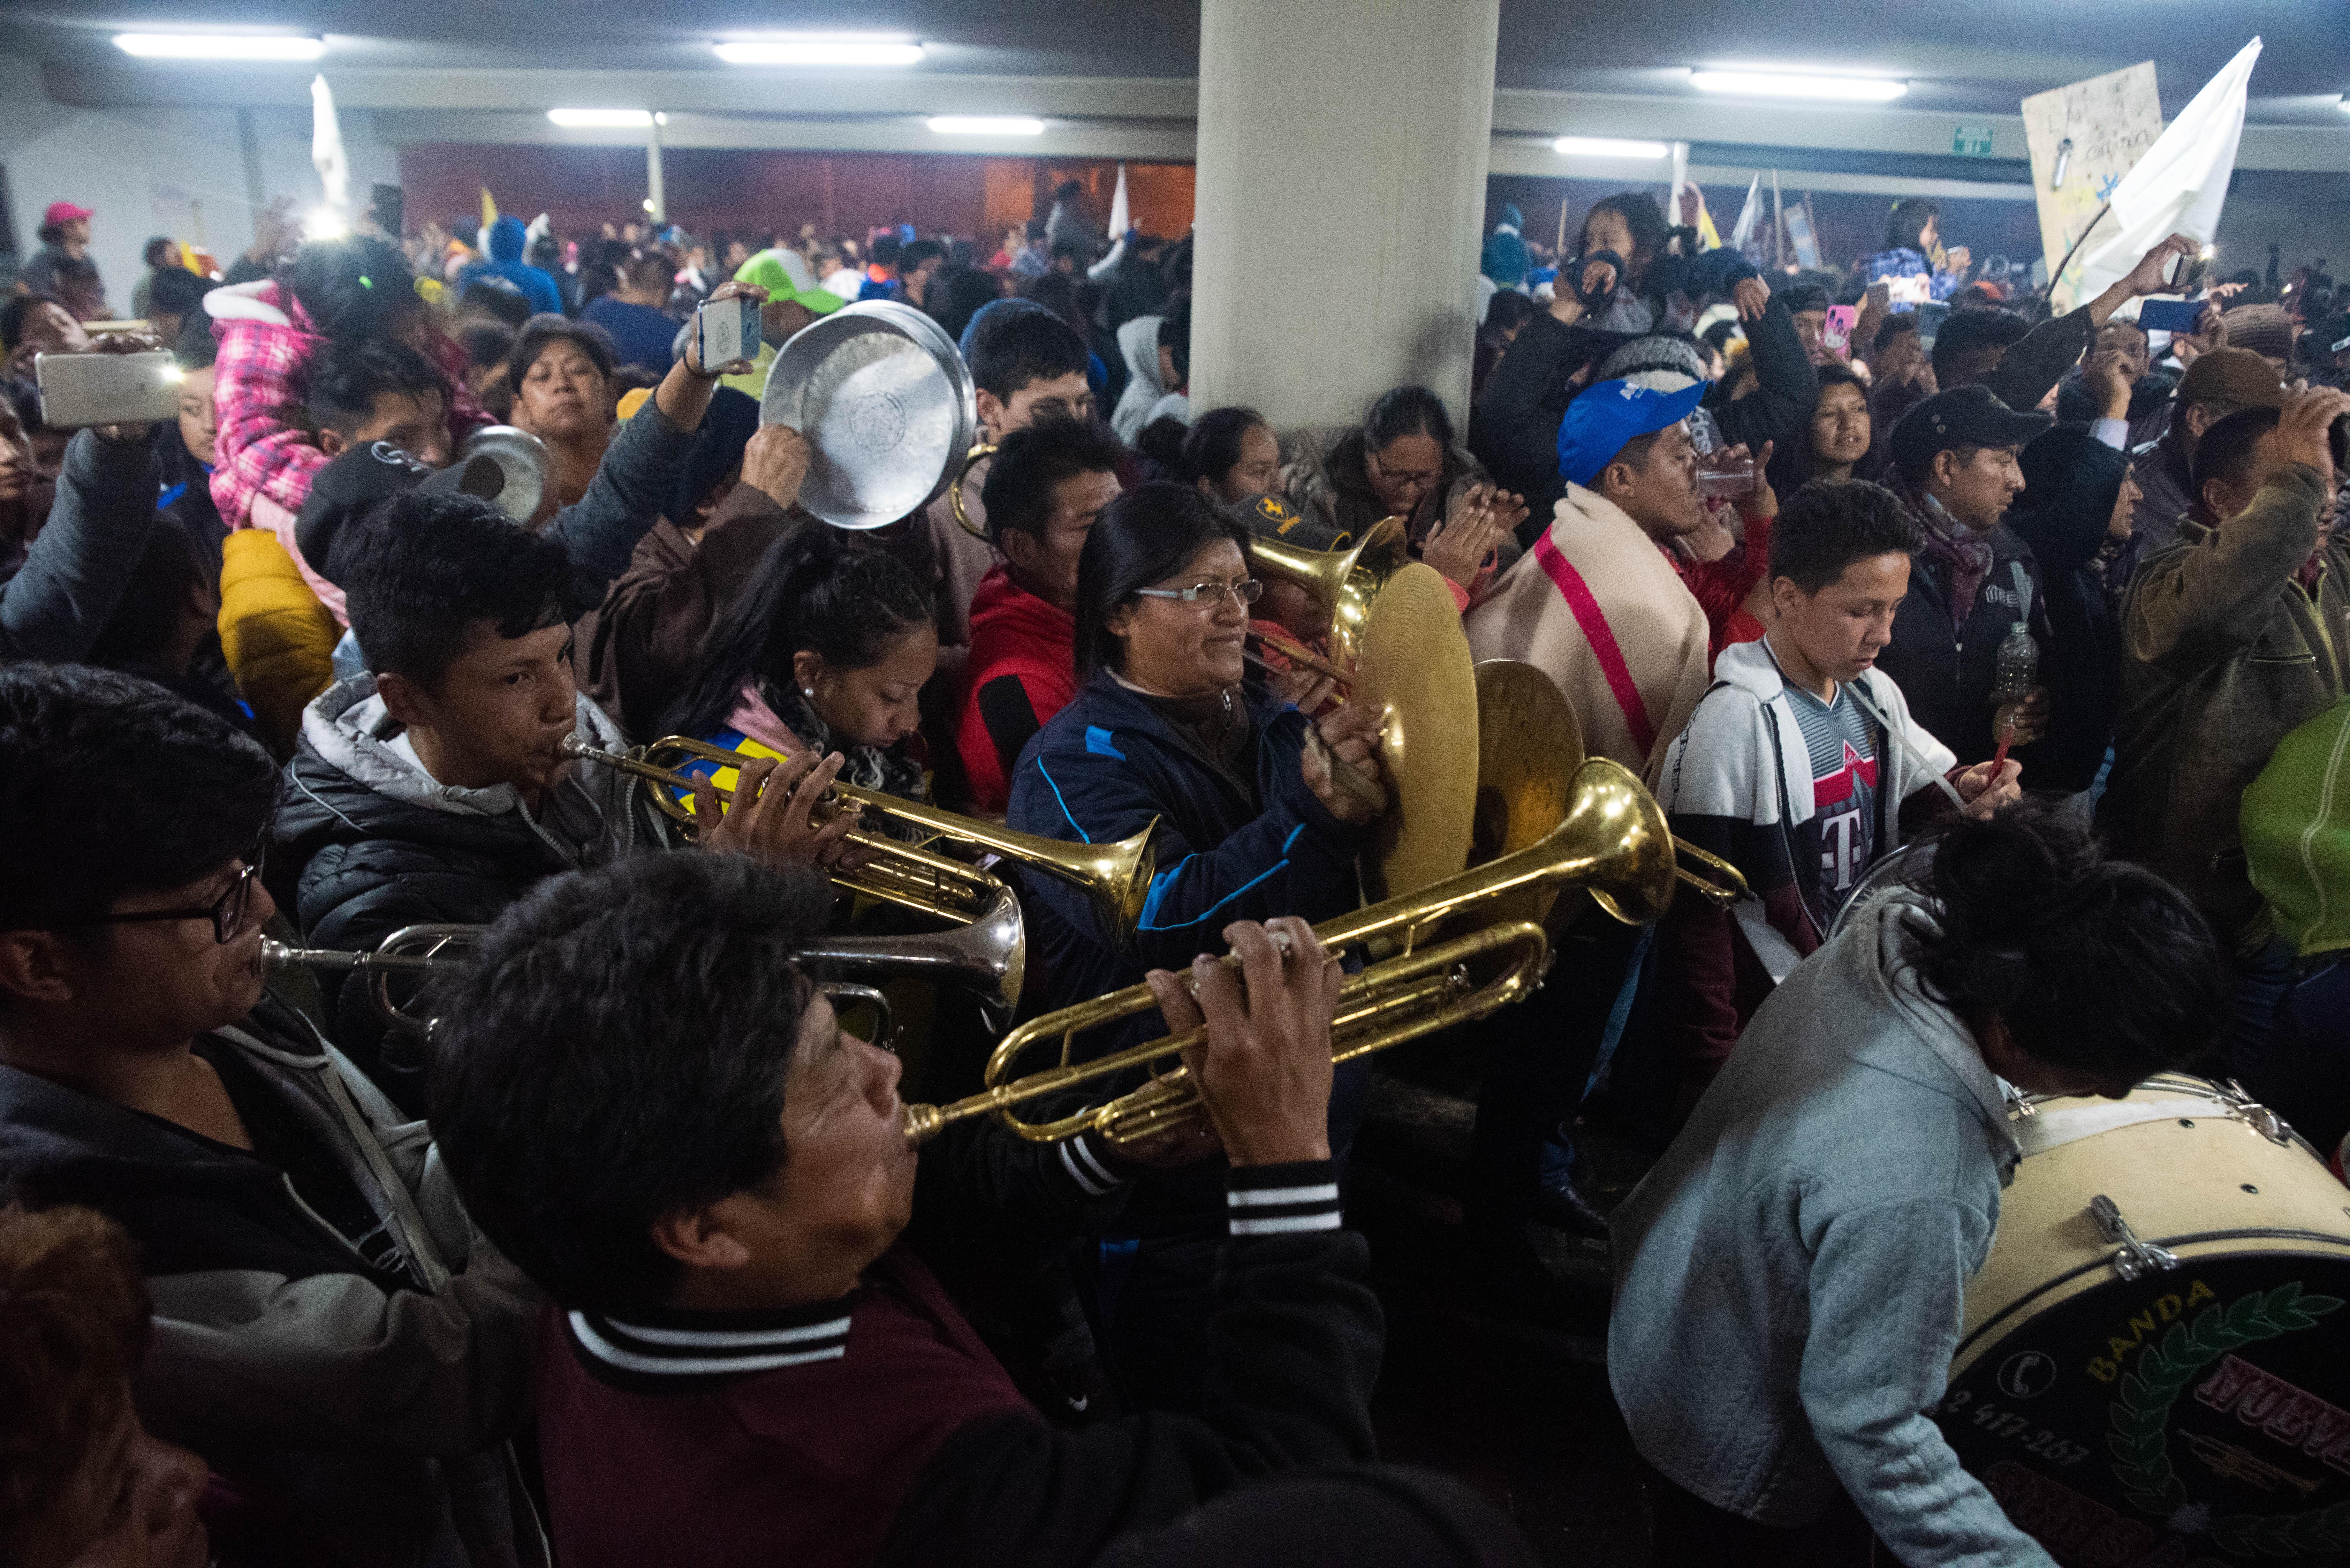 Una multitud con trompetas, platillos, trombones y otros instrumentos salieron a tocar música para romper el ruido del toque de queda que reinaba en las calles de Quito desde el sábado.